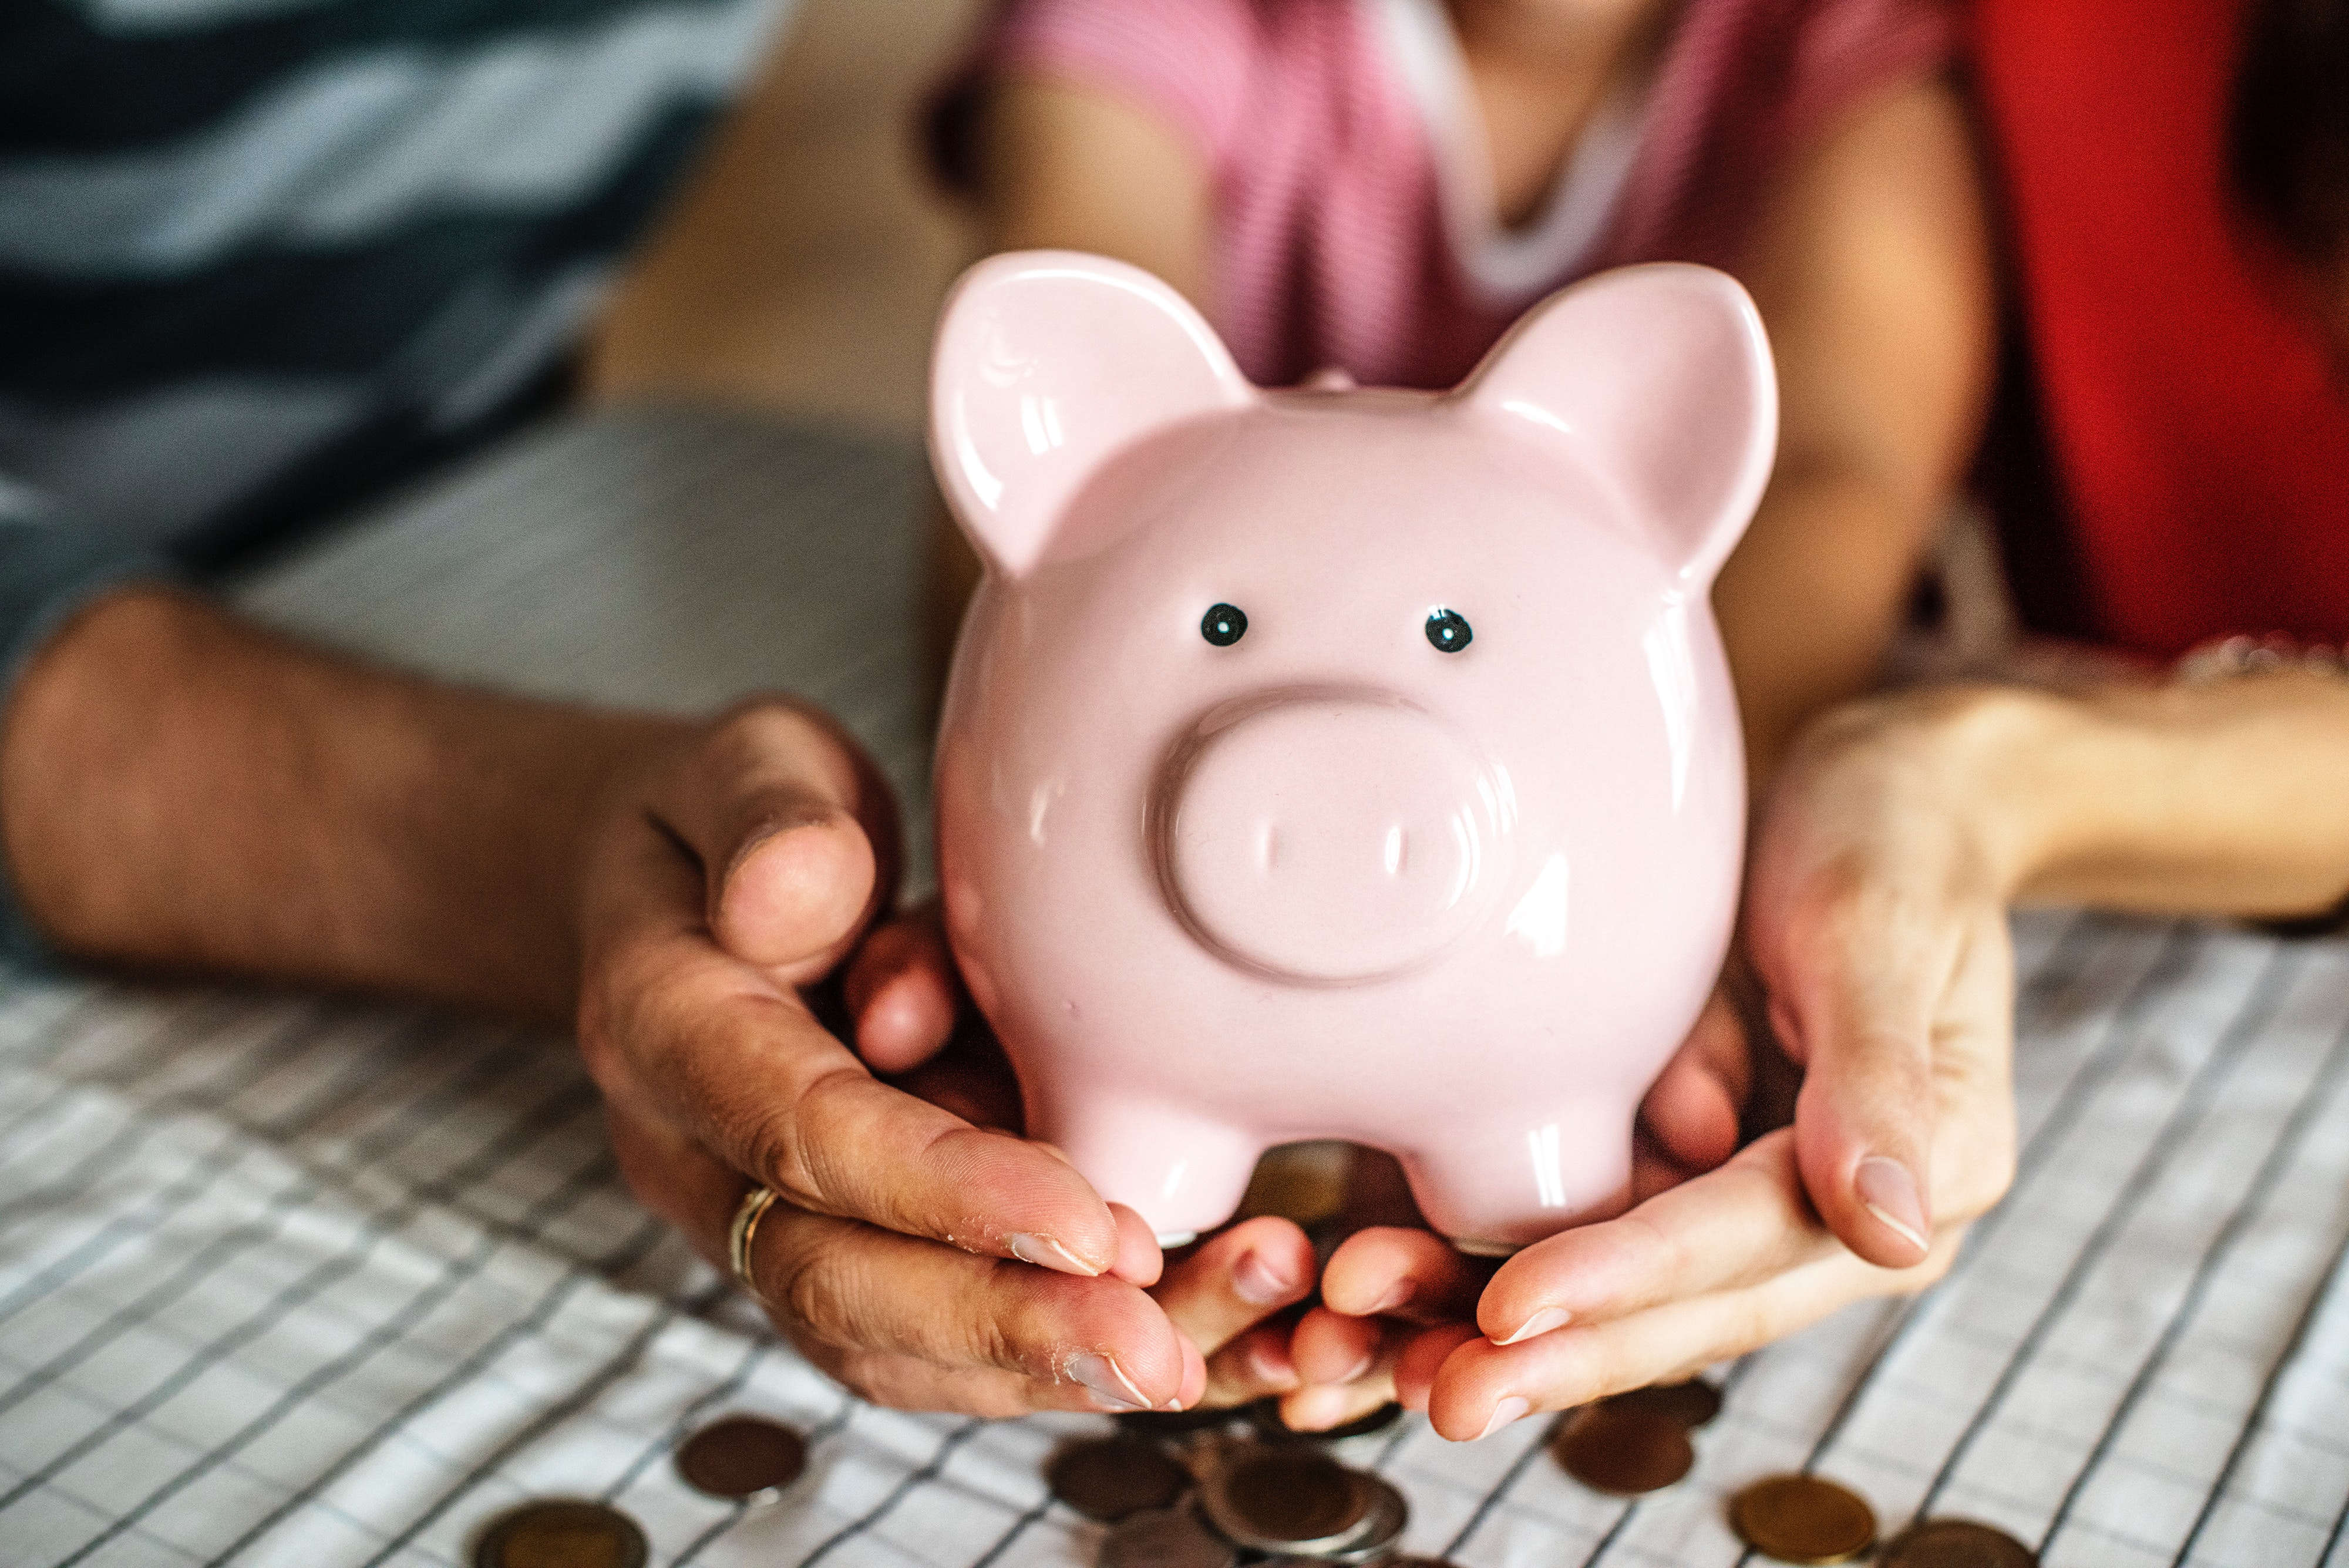 Inspiring lifelong financial wellness.